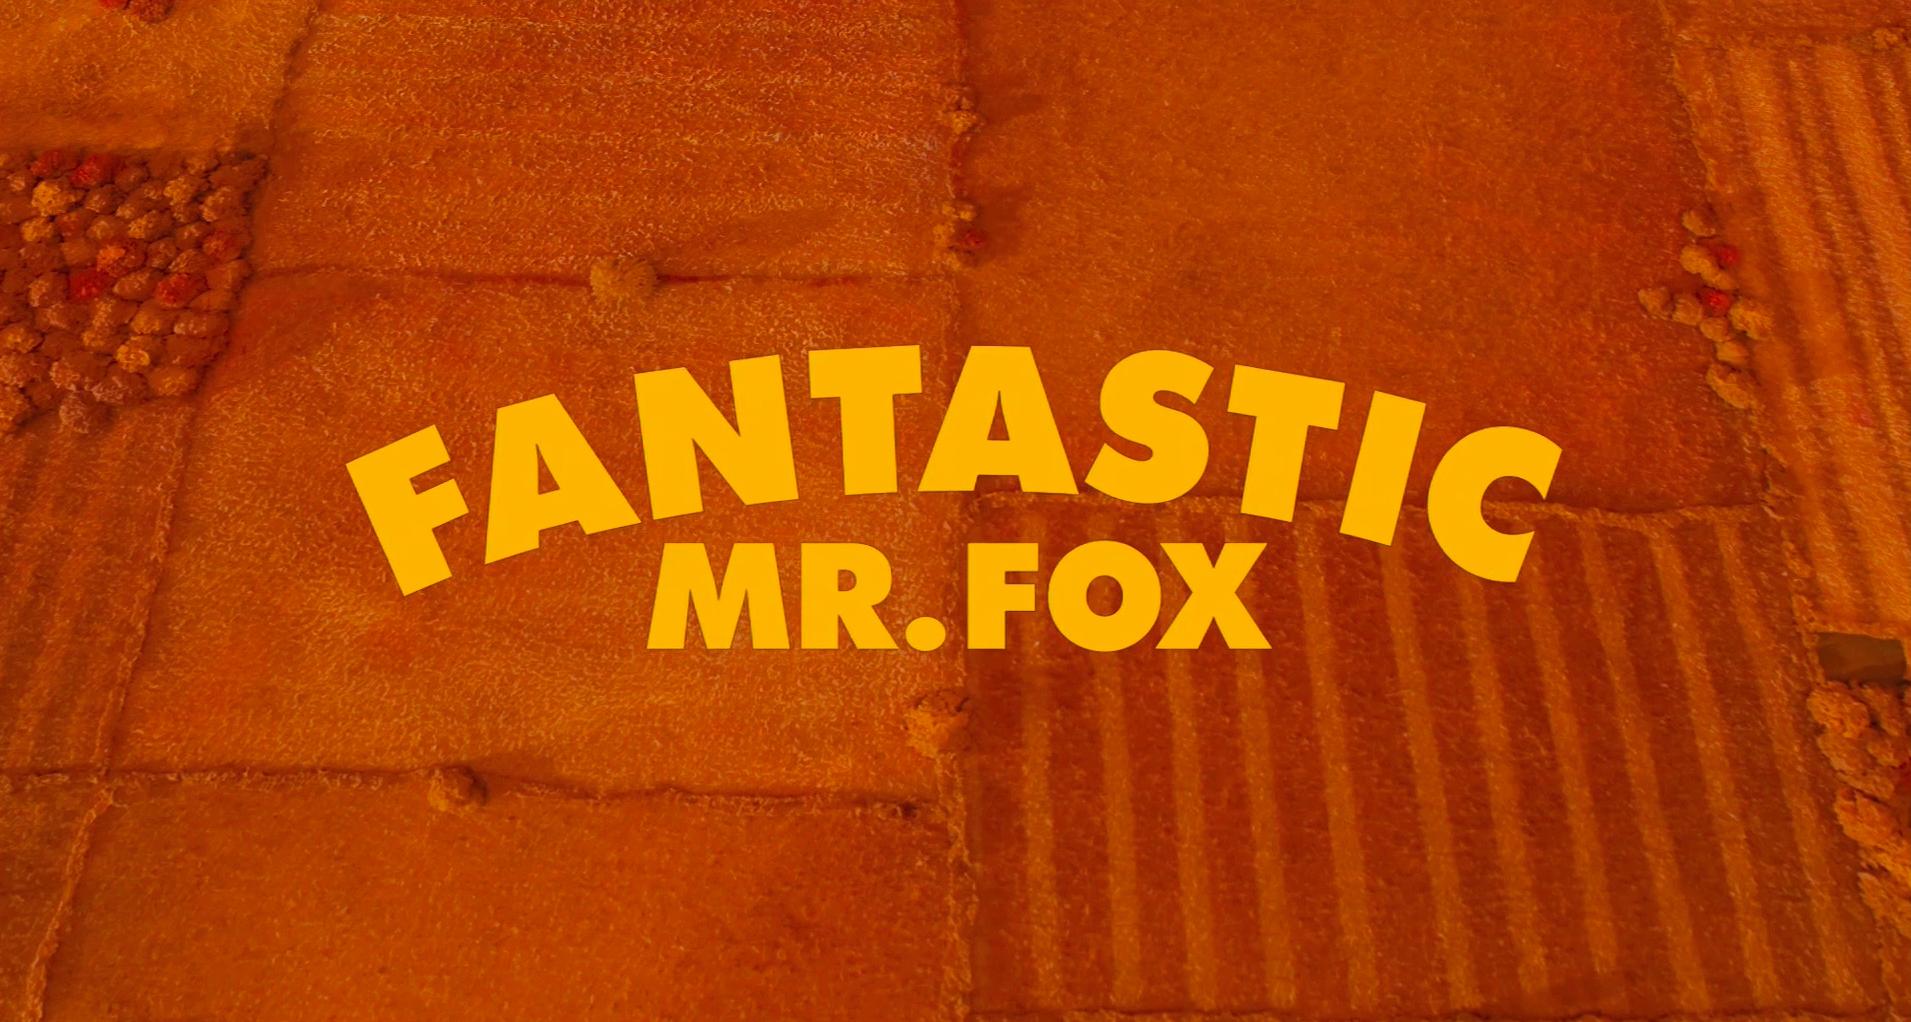 FantasticMrFoxTitleScreen